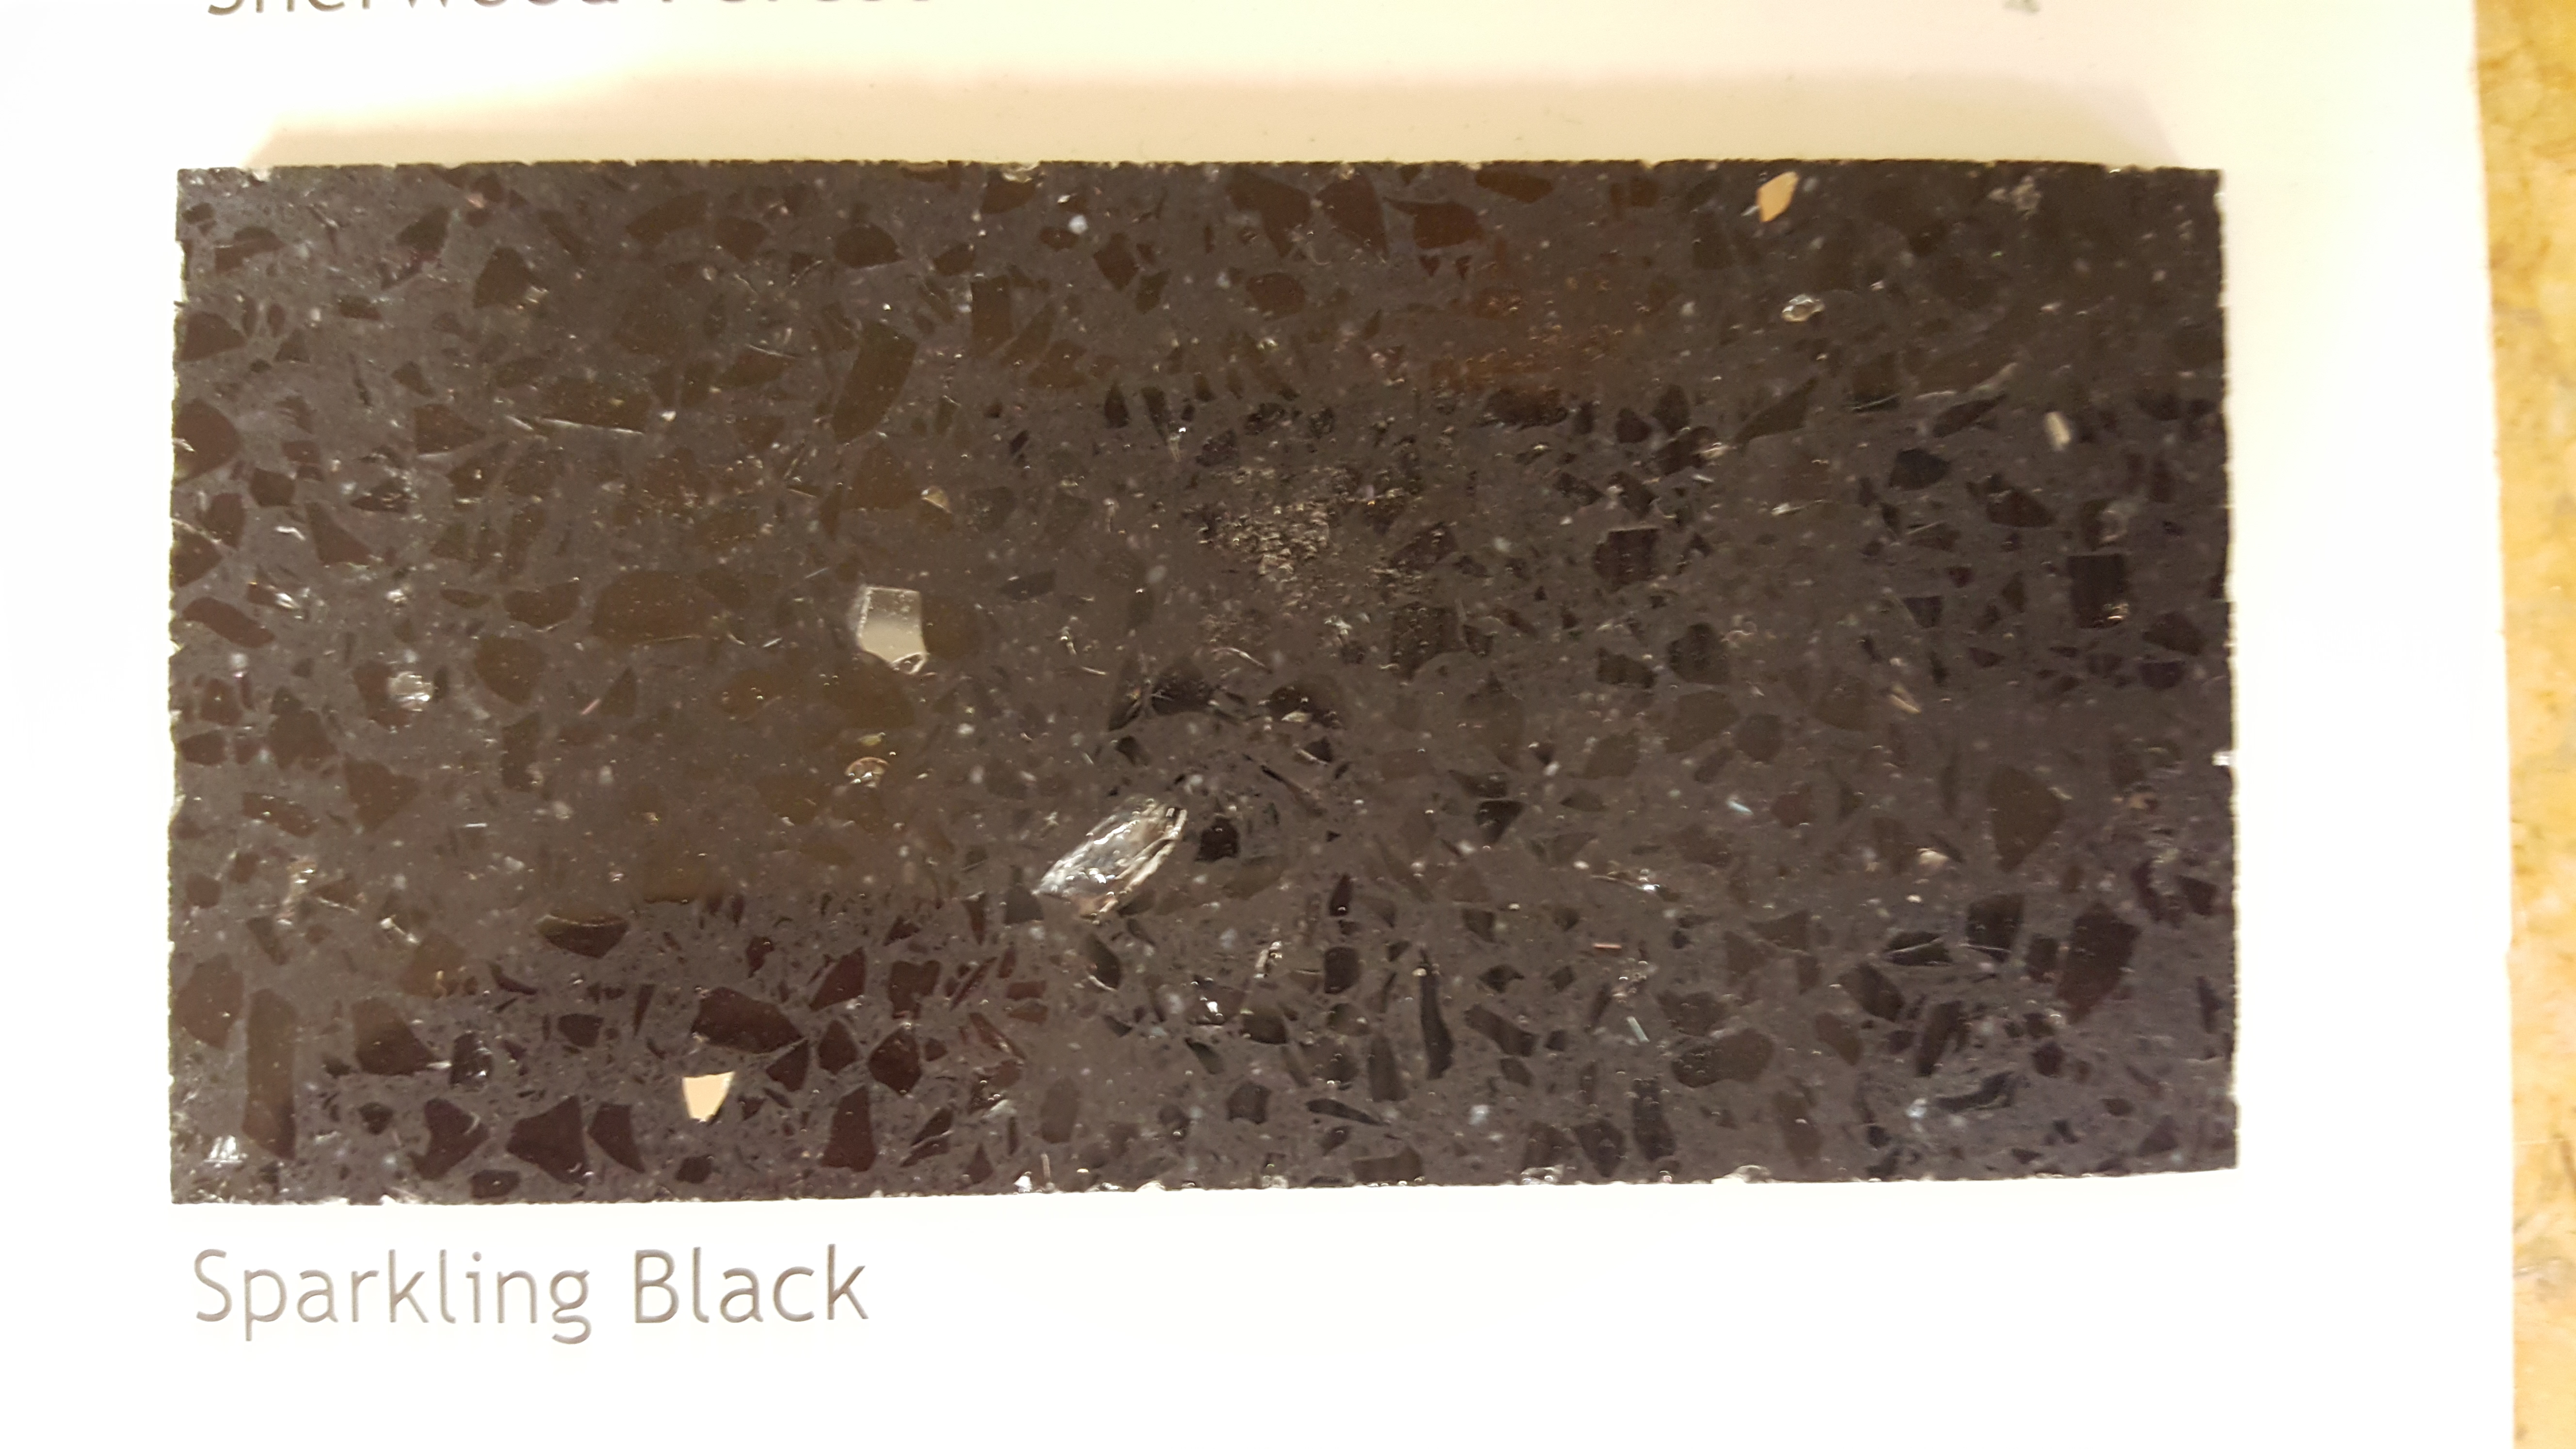 Sparkling Black